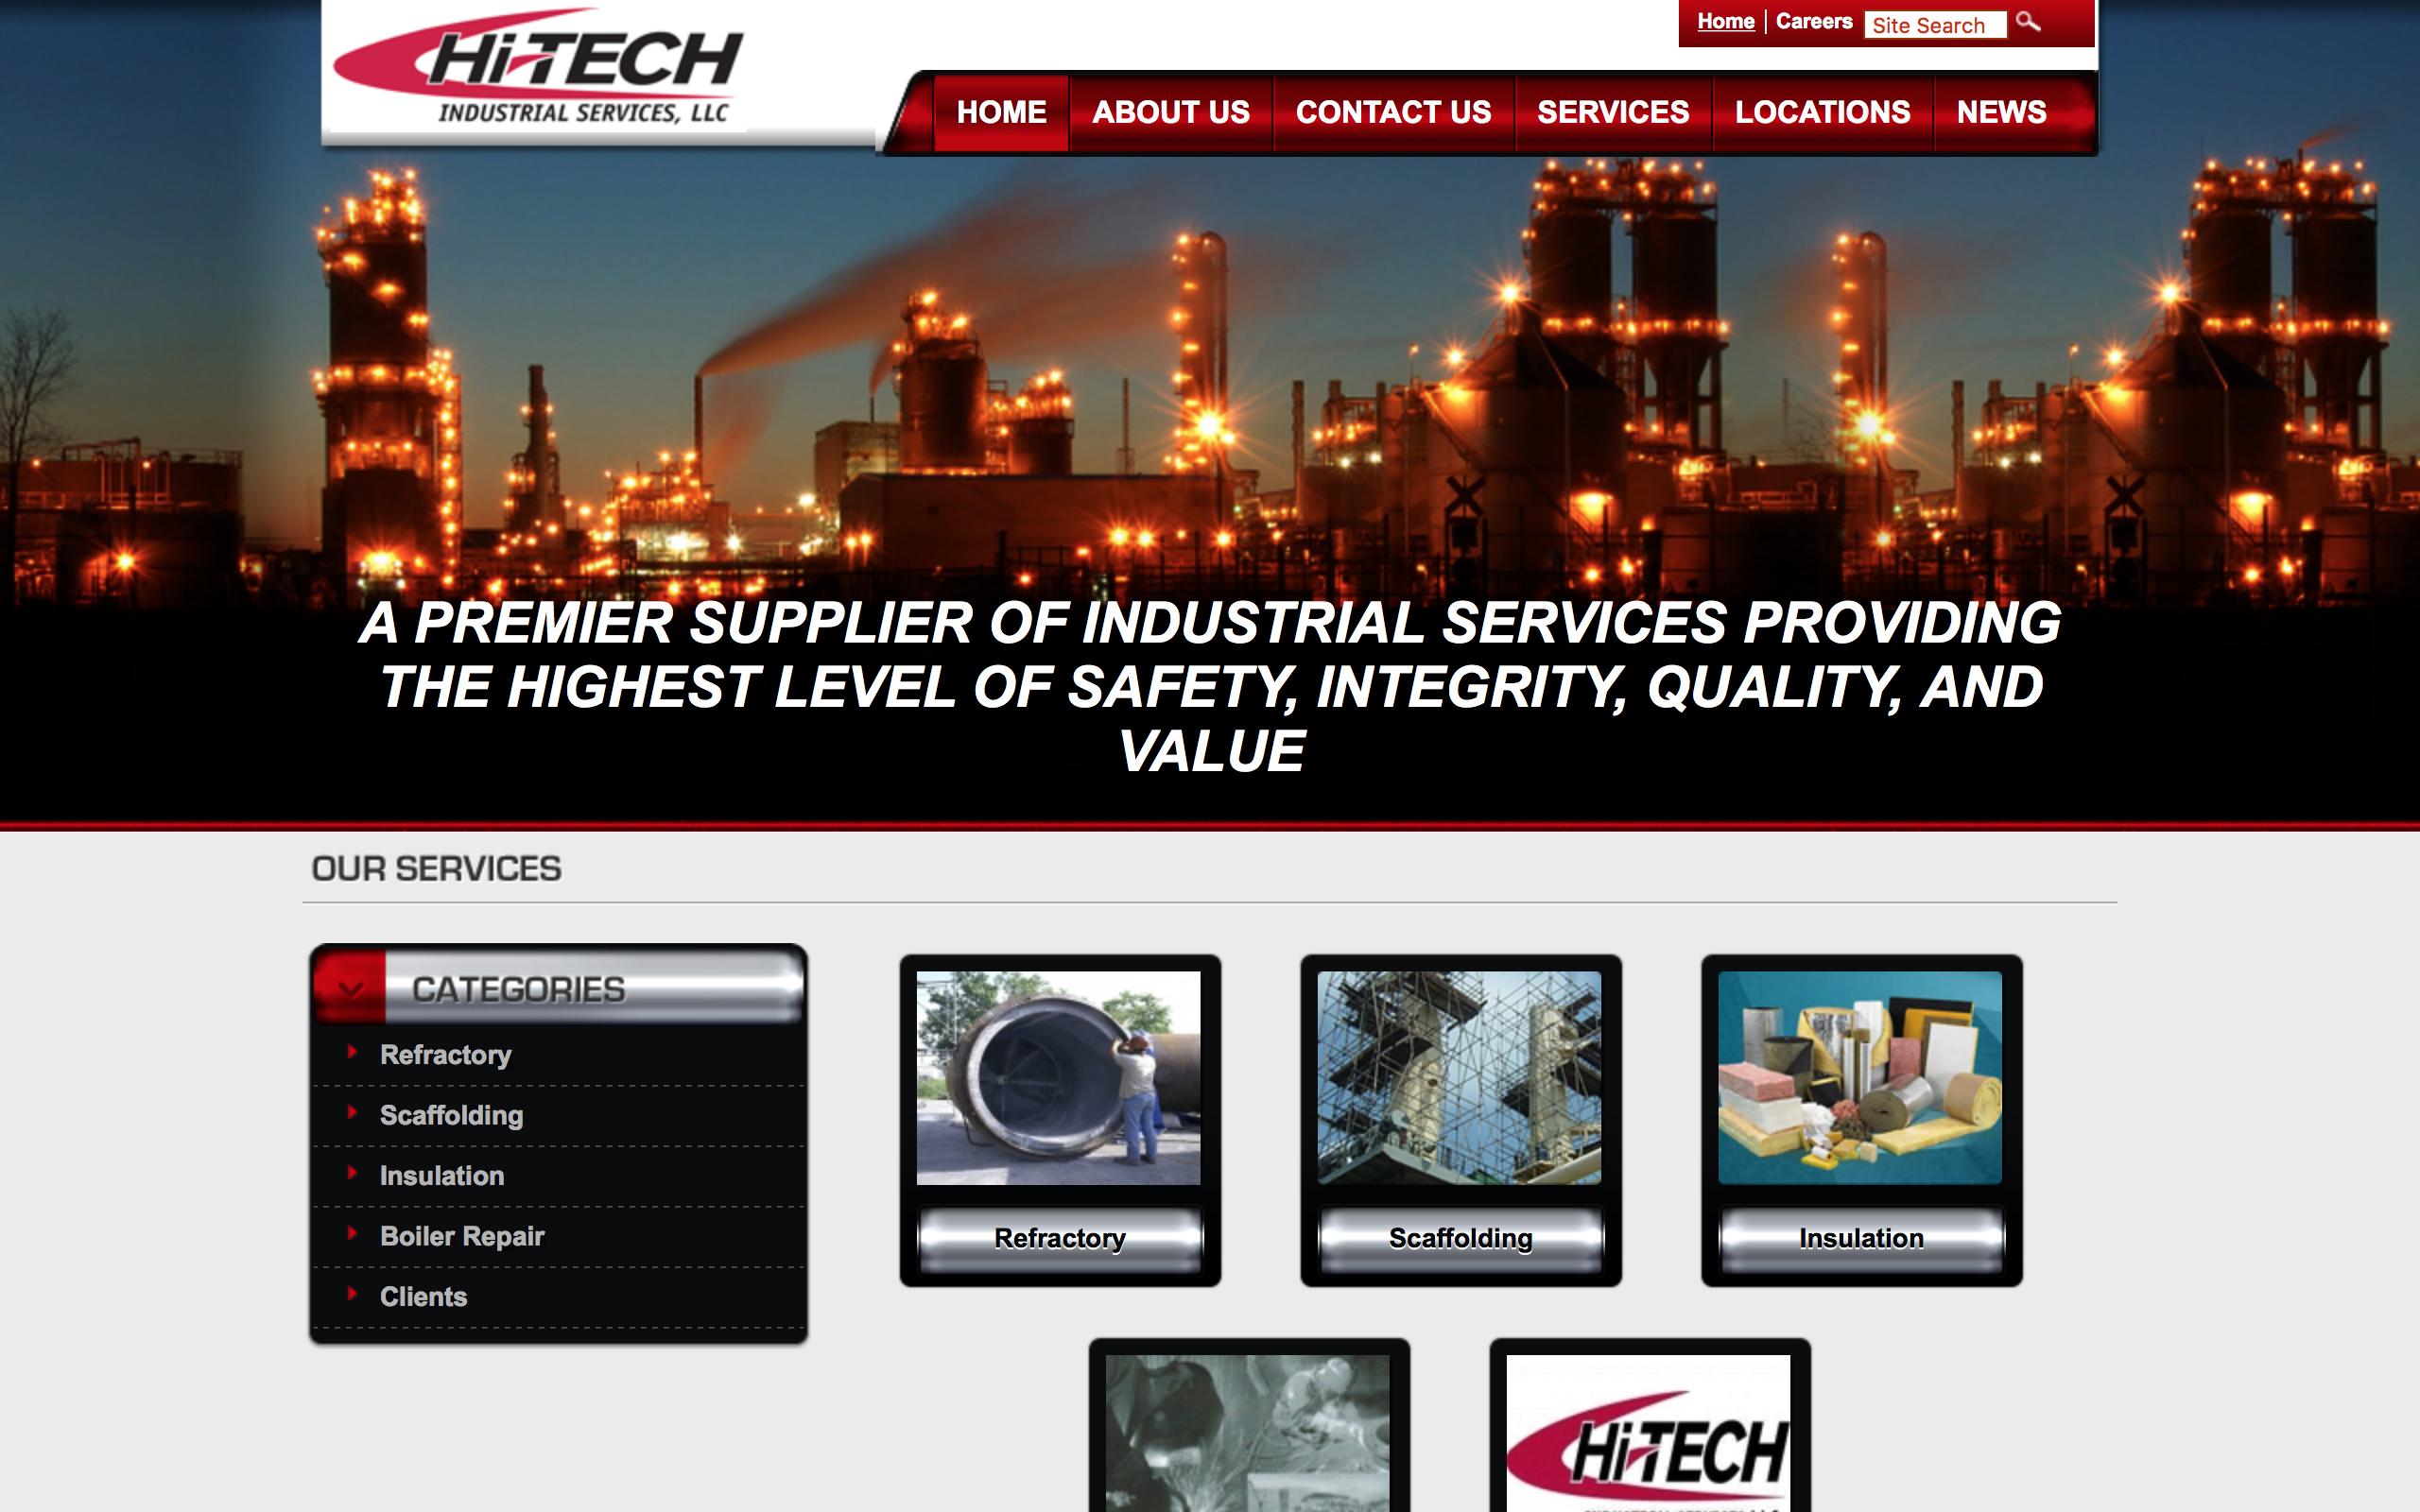 Hi Tech Industrial